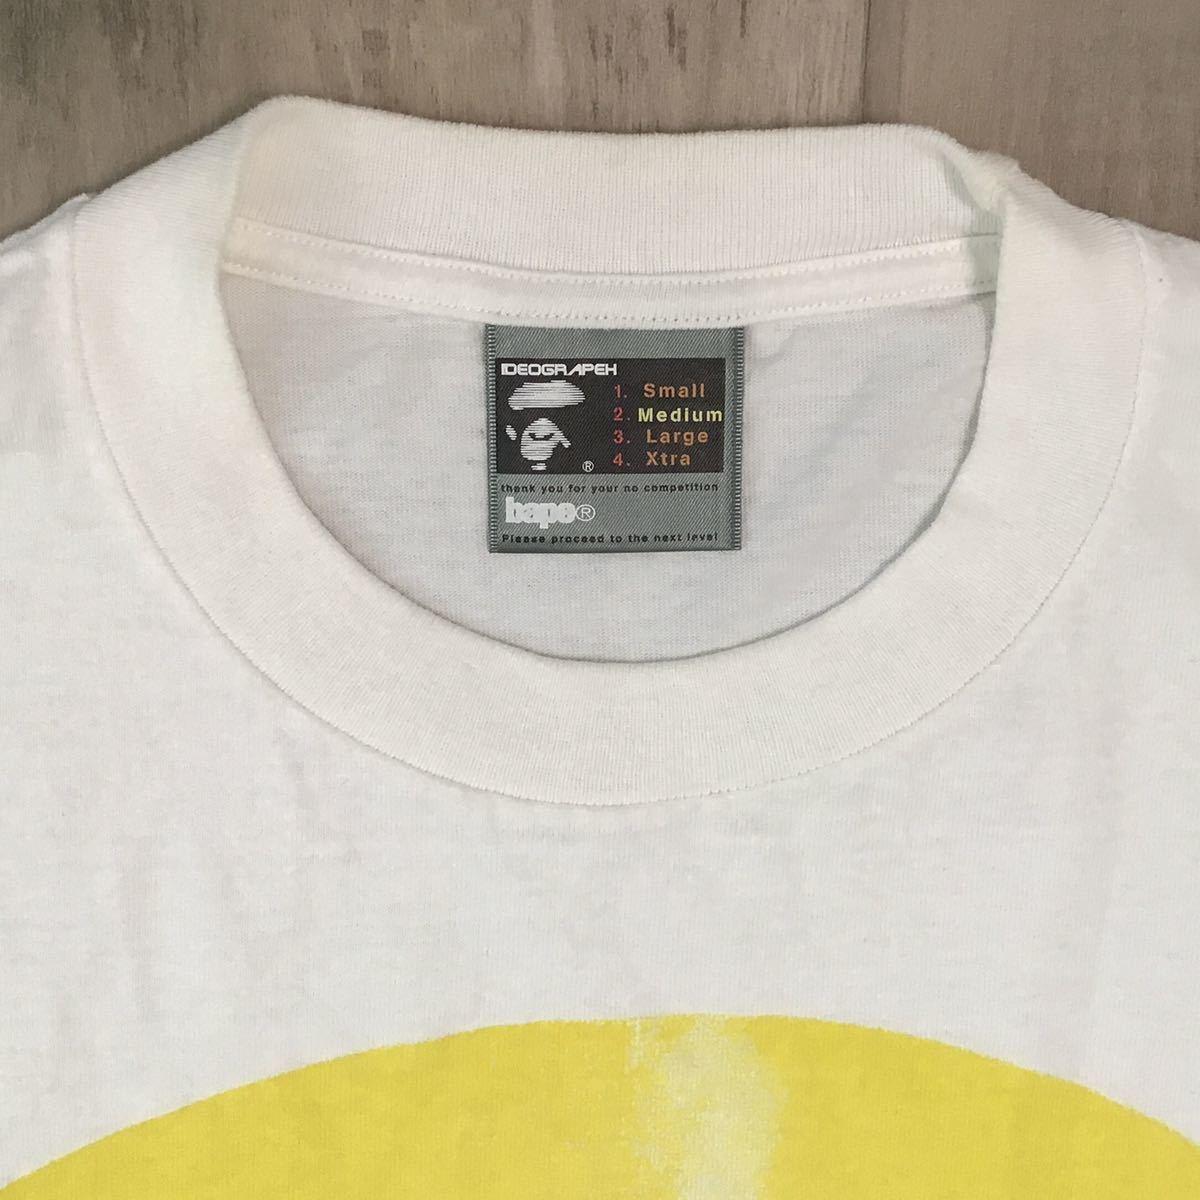 ★青山限定★ 手刷り 8周年記念 Tシャツ シリアルナンバー入り 100番 Mサイズ bape a bathing ape エイプ ベイプ nigo handprint